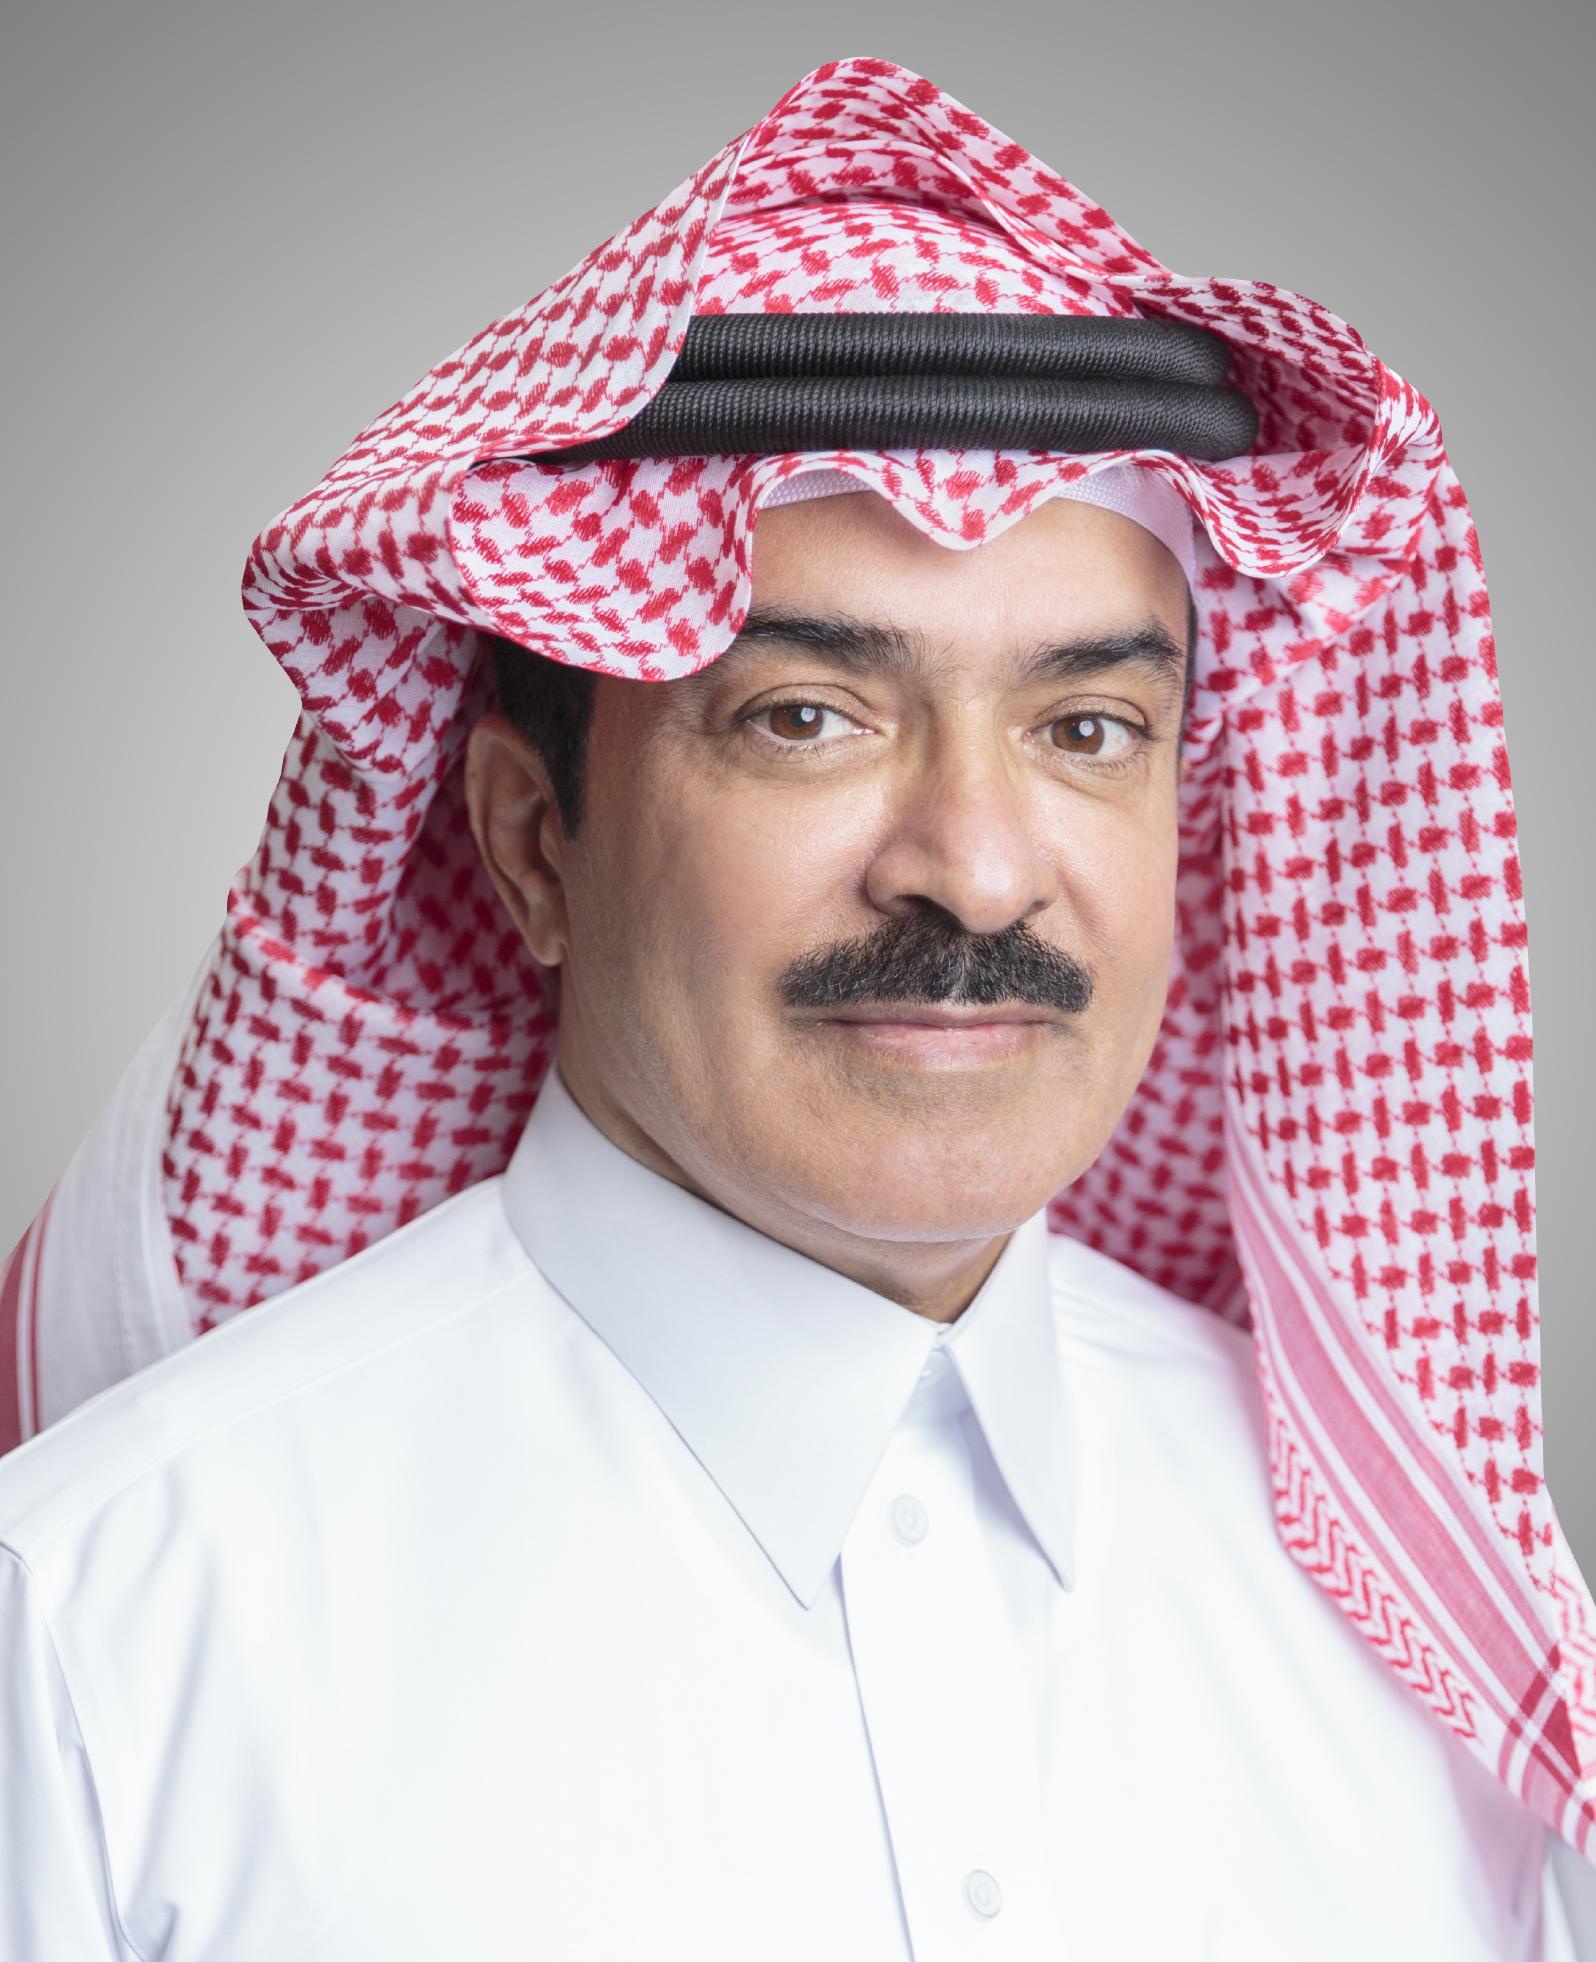 رئيس مجلس الغرف السعودية عجلان العجلان